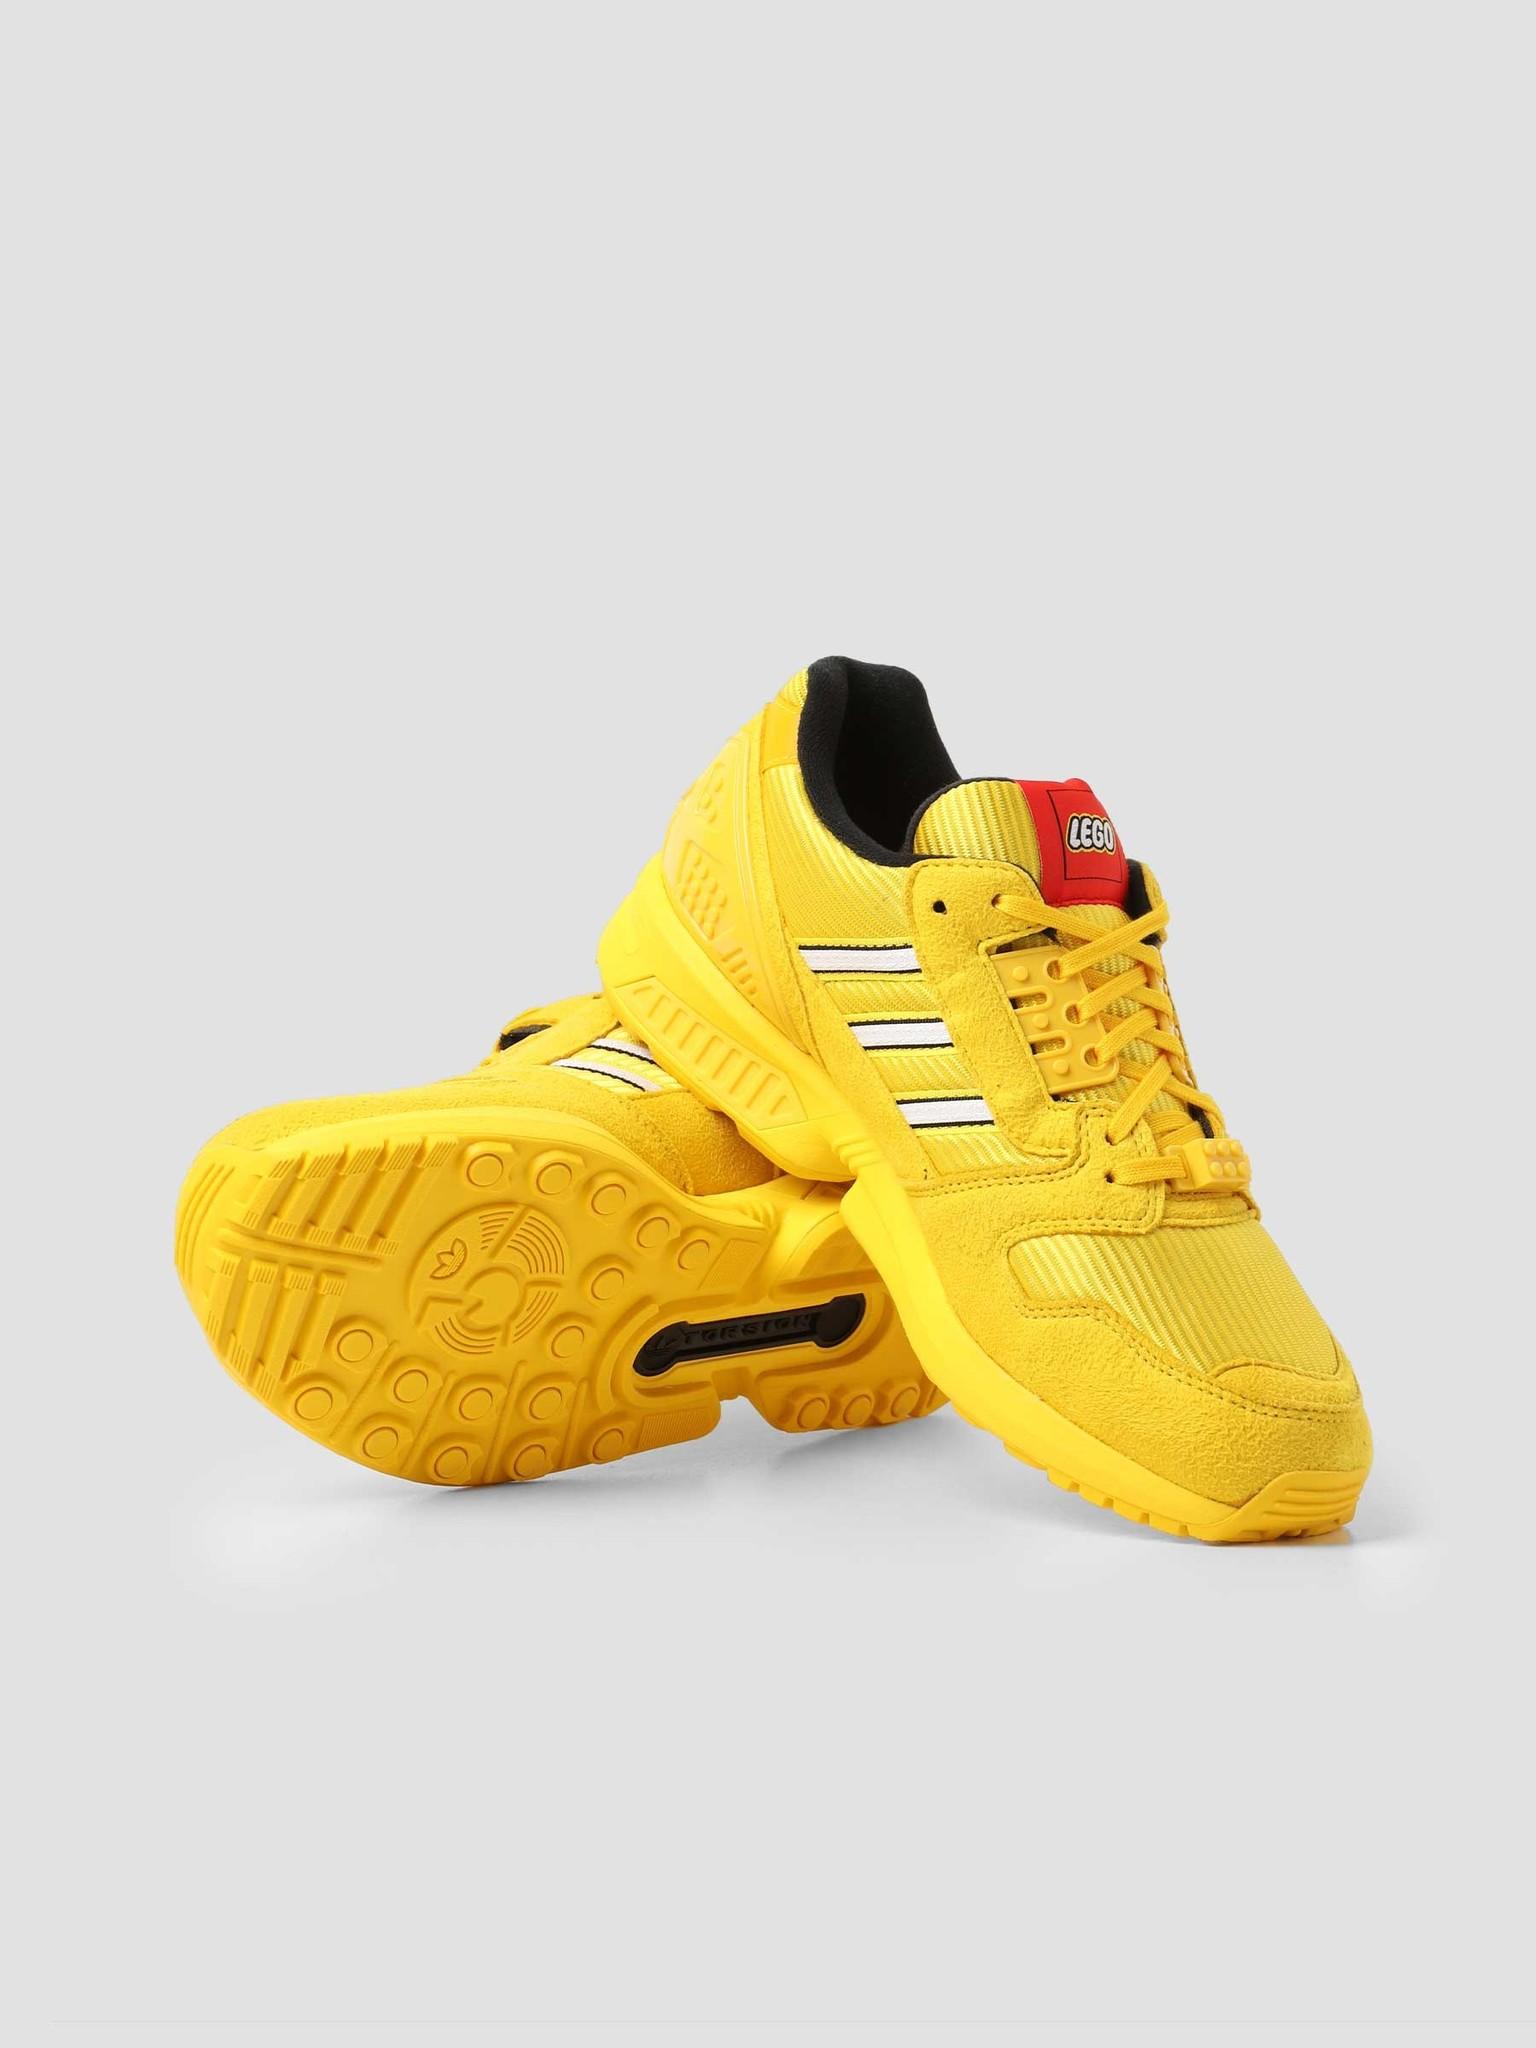 adidas adidas ZX 8000 Lego Eqt Yellow Footwear White Eqt Yellow FY7081